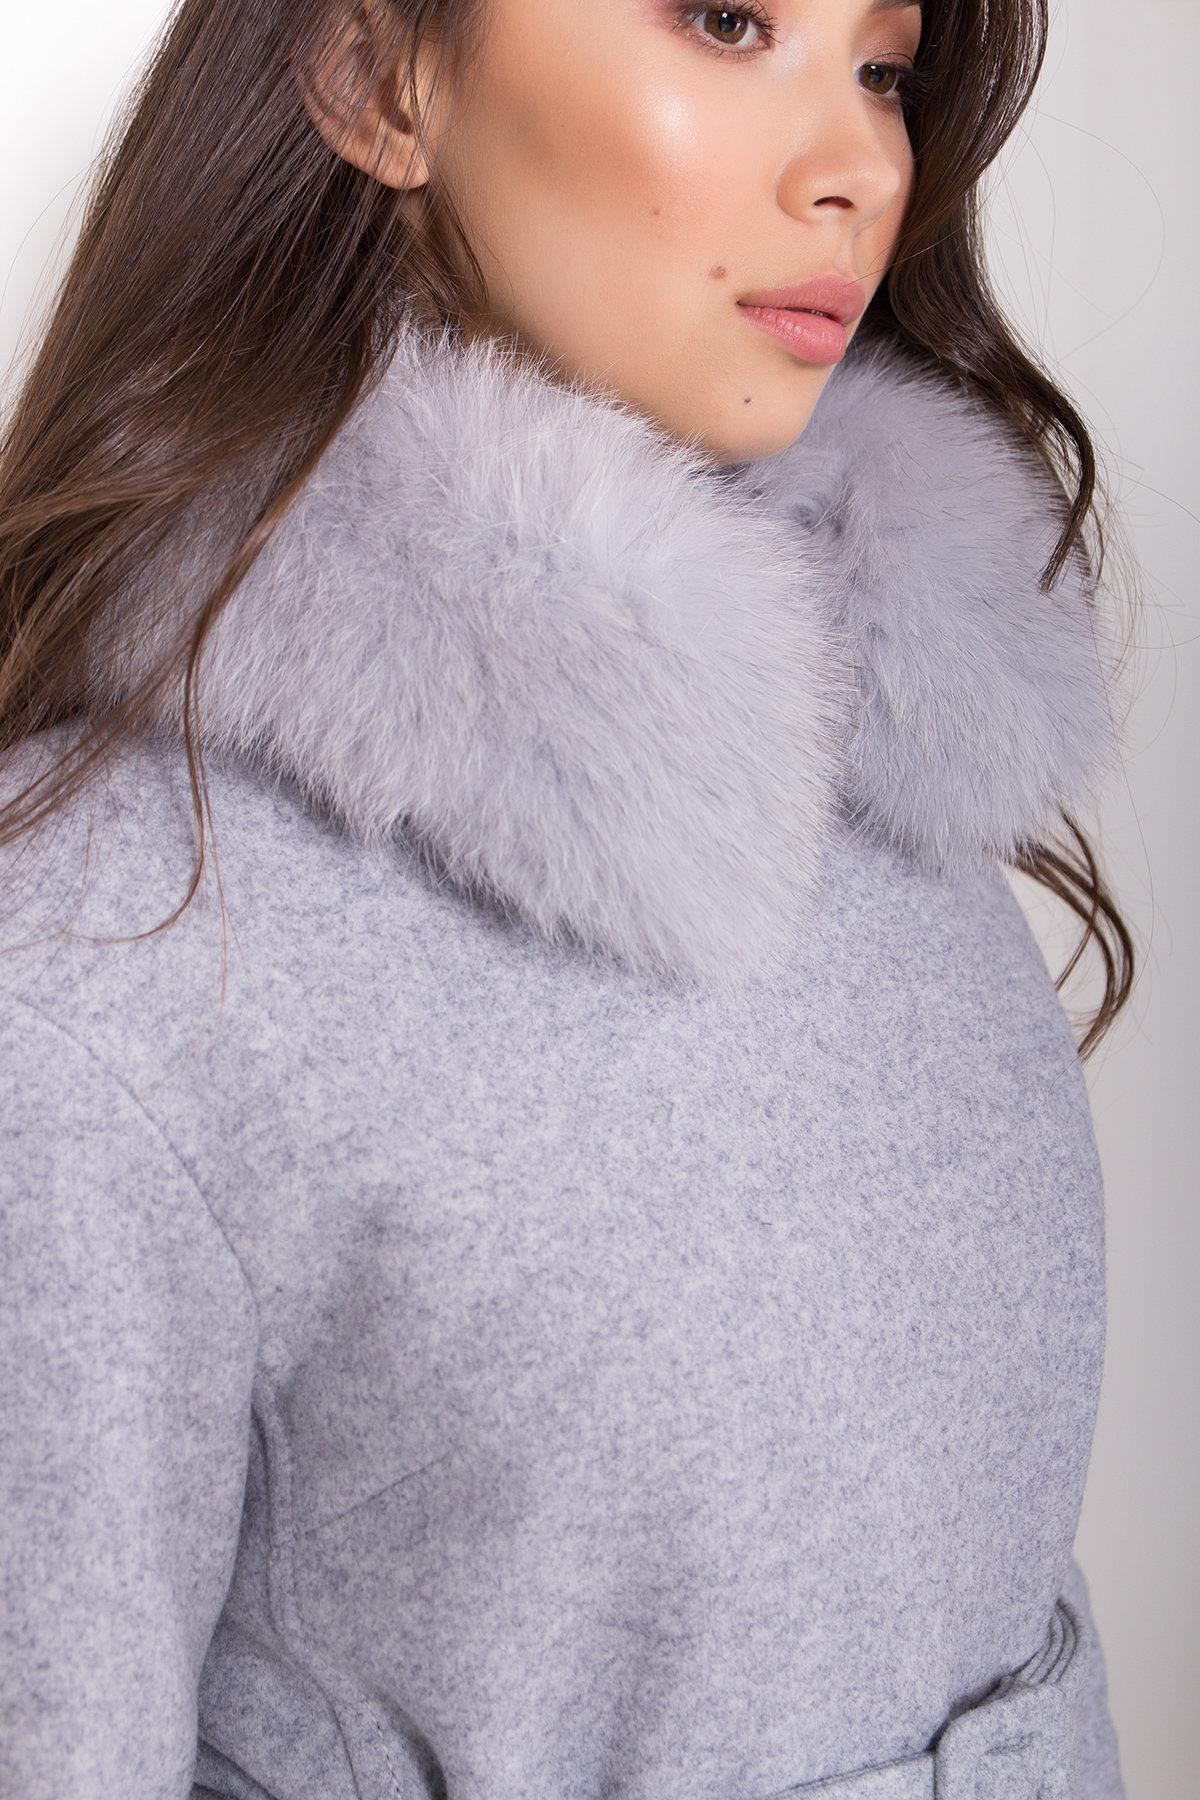 Полуприталенное зимнее пальто серых тонов Лизи 8170 АРТ. 44182 Цвет: Серый Светлый 33 - фото 6, интернет магазин tm-modus.ru